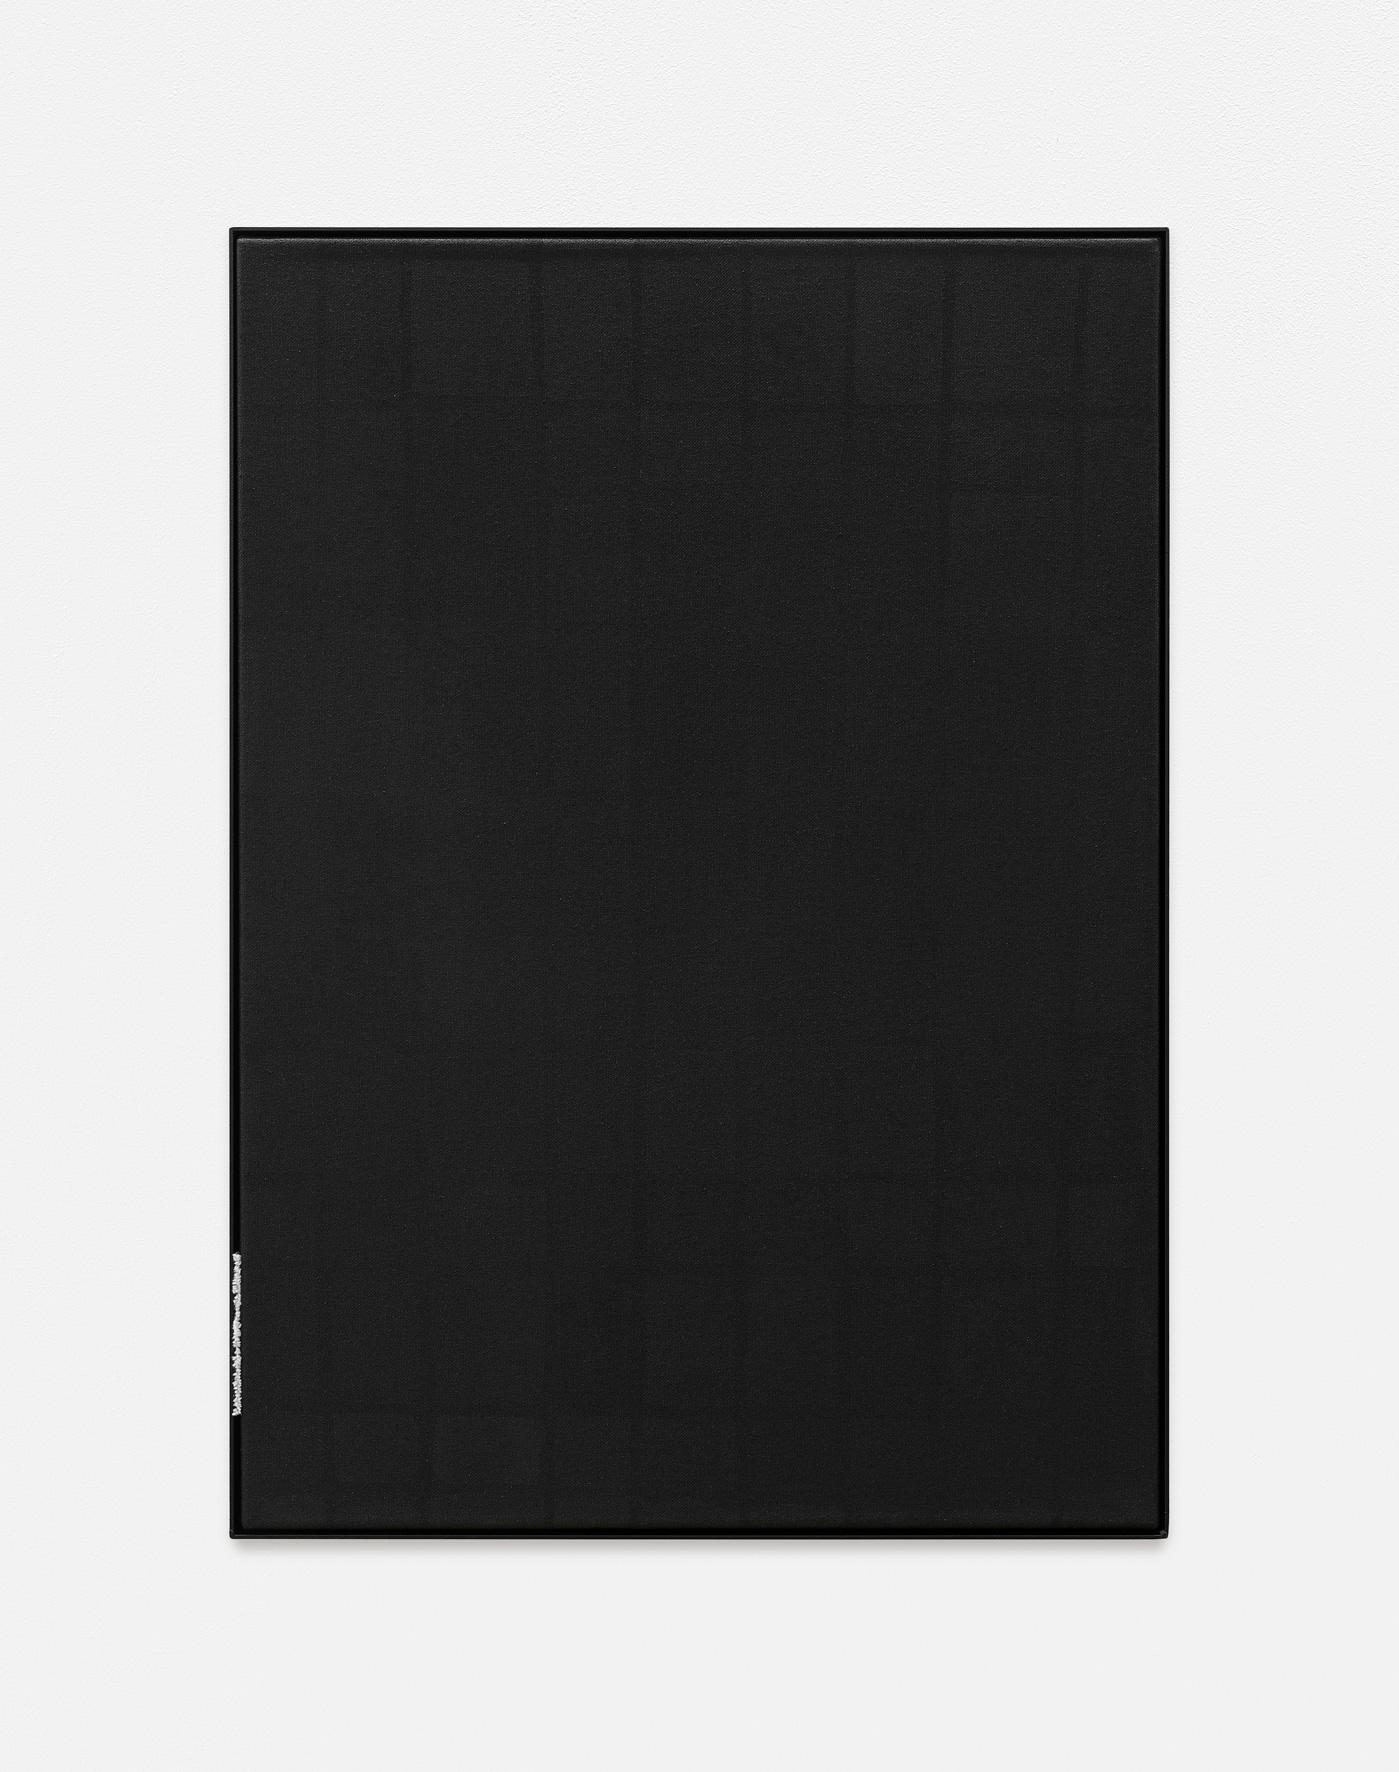 Side note II | 2018 | Öl, Metall und Leinen auf Leinwand | 71 x 51 cm | ©GALERIE ALBER